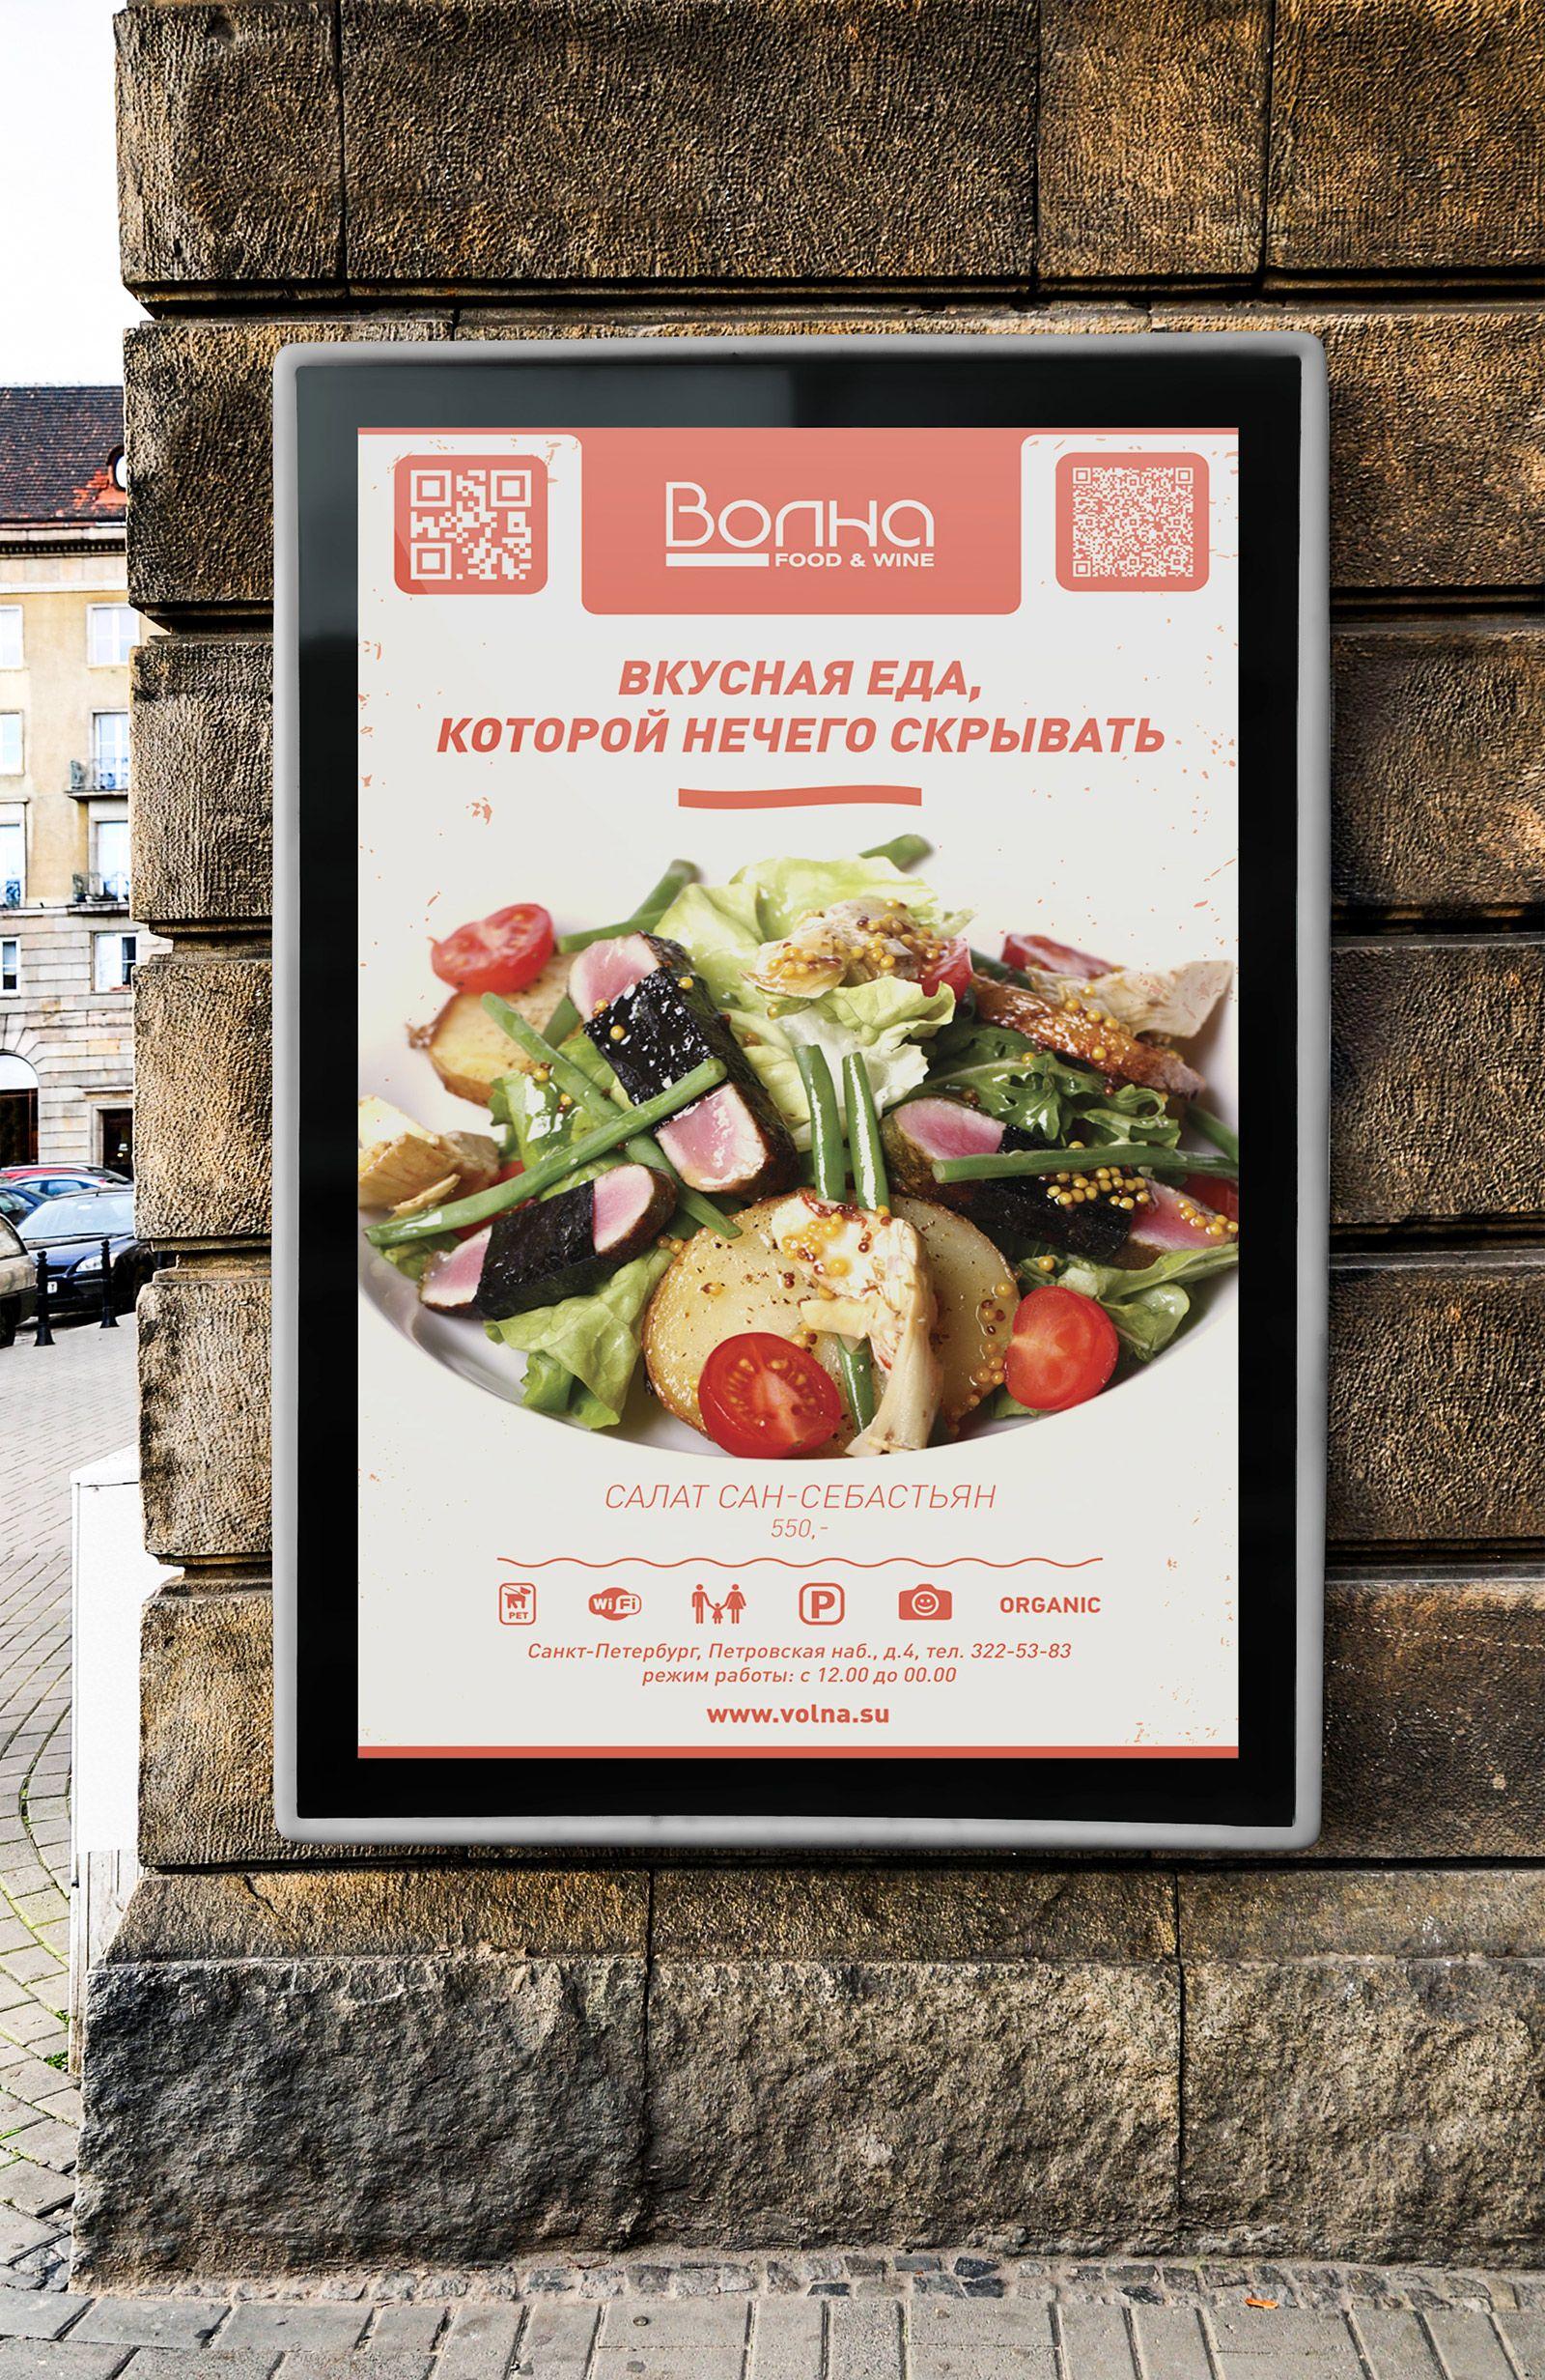 Kết quả hình ảnh cho outdoor advertising of food